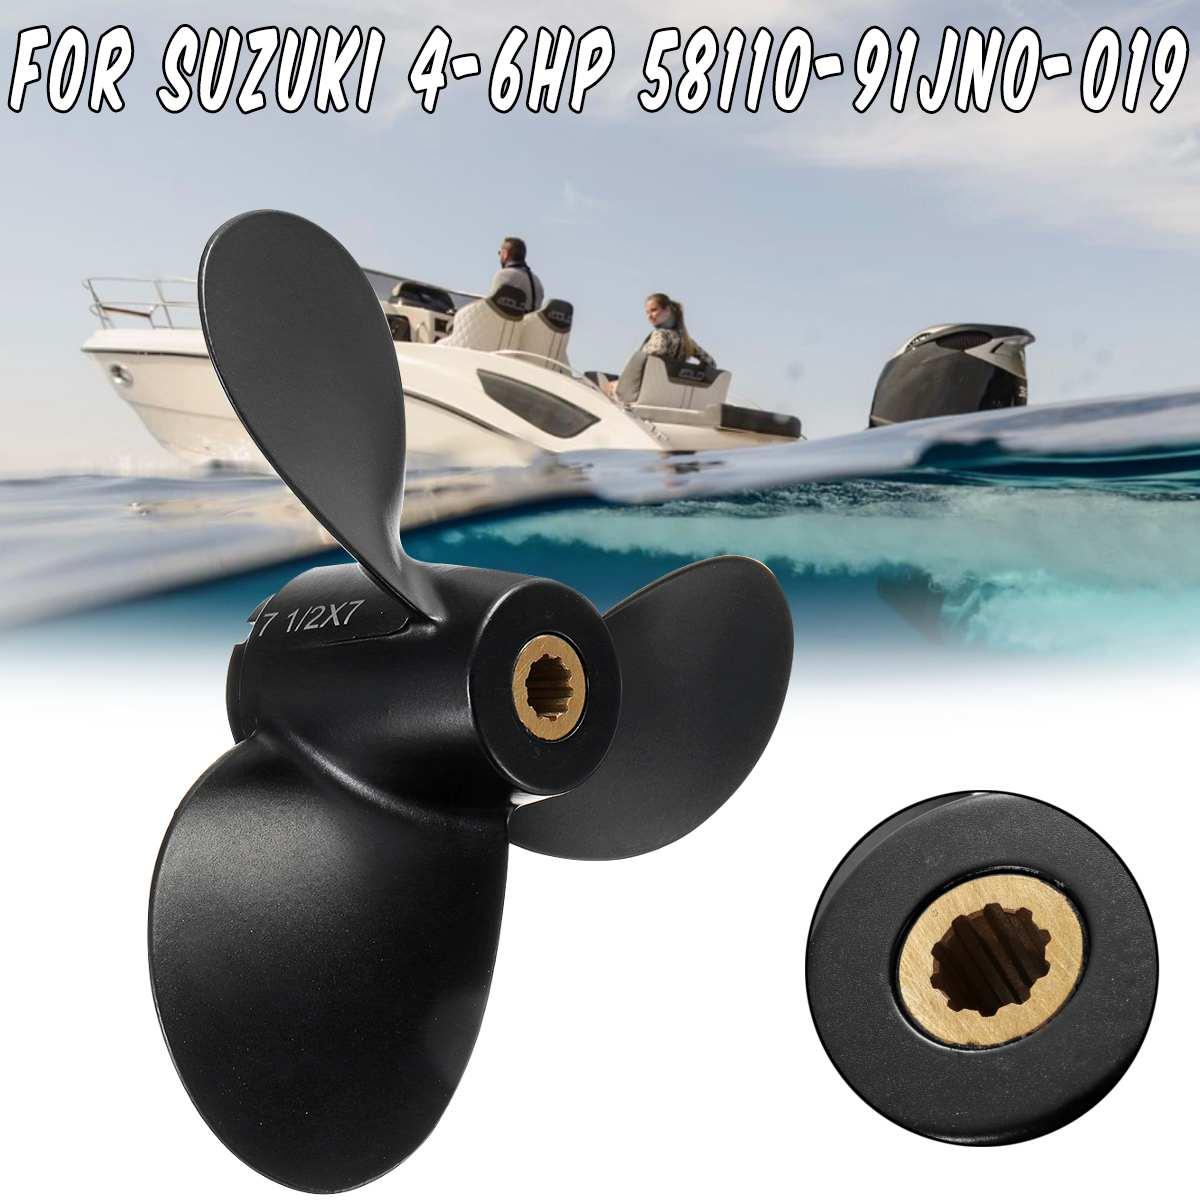 7 1/2x7 Boot Propeller 58110-91JN0-019 Für Suzuki Außenbordmotor 4-6HP 3 Klingen R Rotation Aluminium Legierung 10 Spline tooths